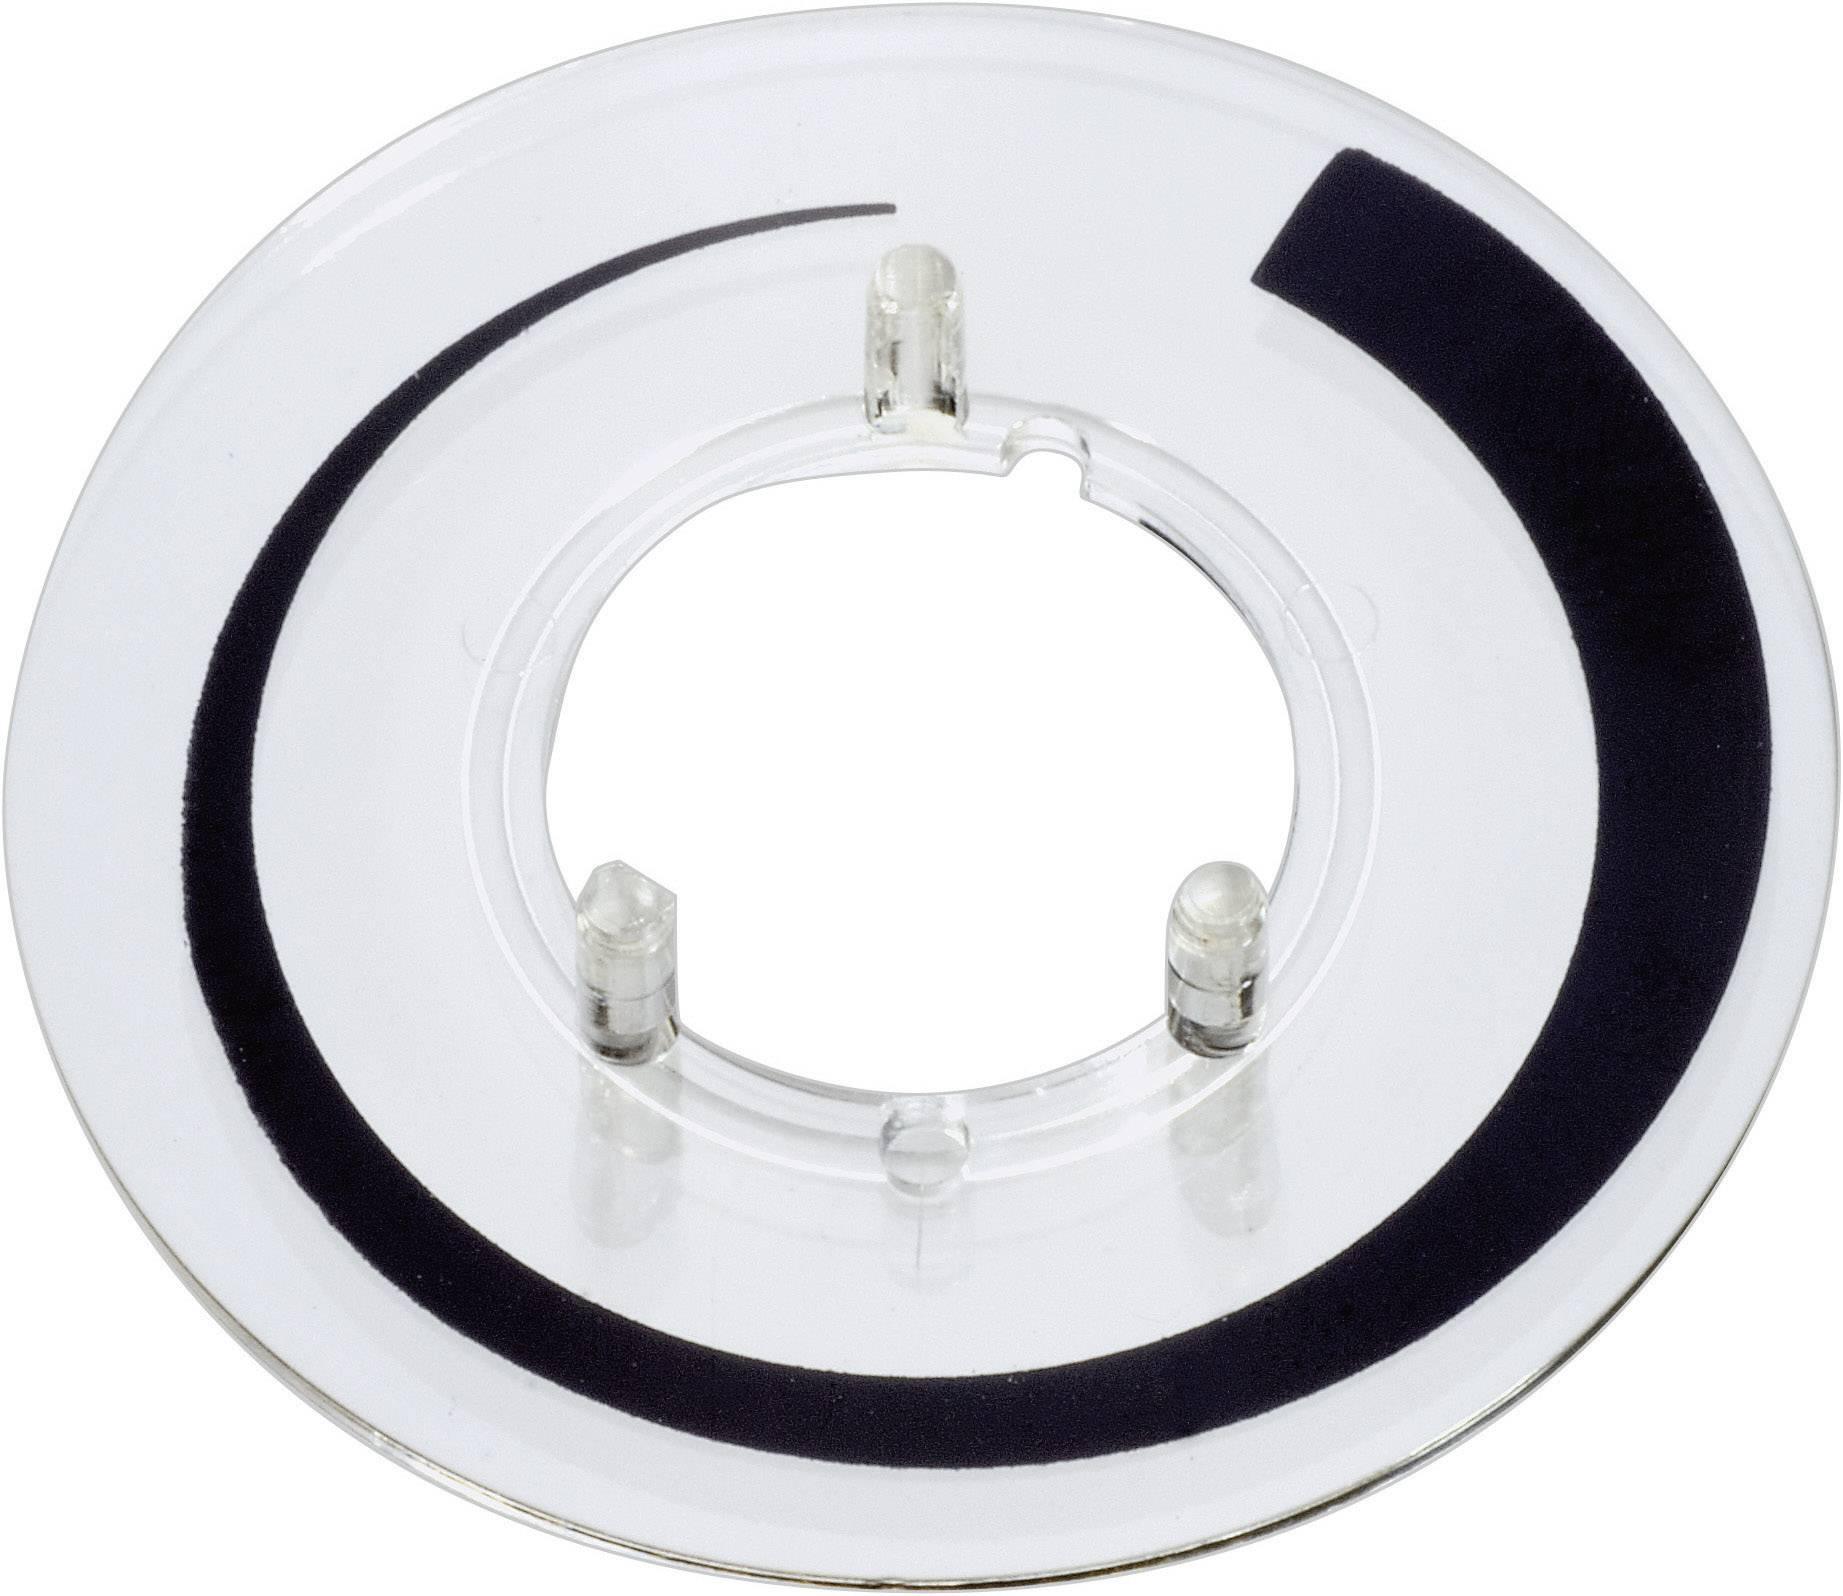 Prahová stupnice OKW, vhodná pro knoflík Ø 16 mm, transparentní OKW A4416020 1 ks